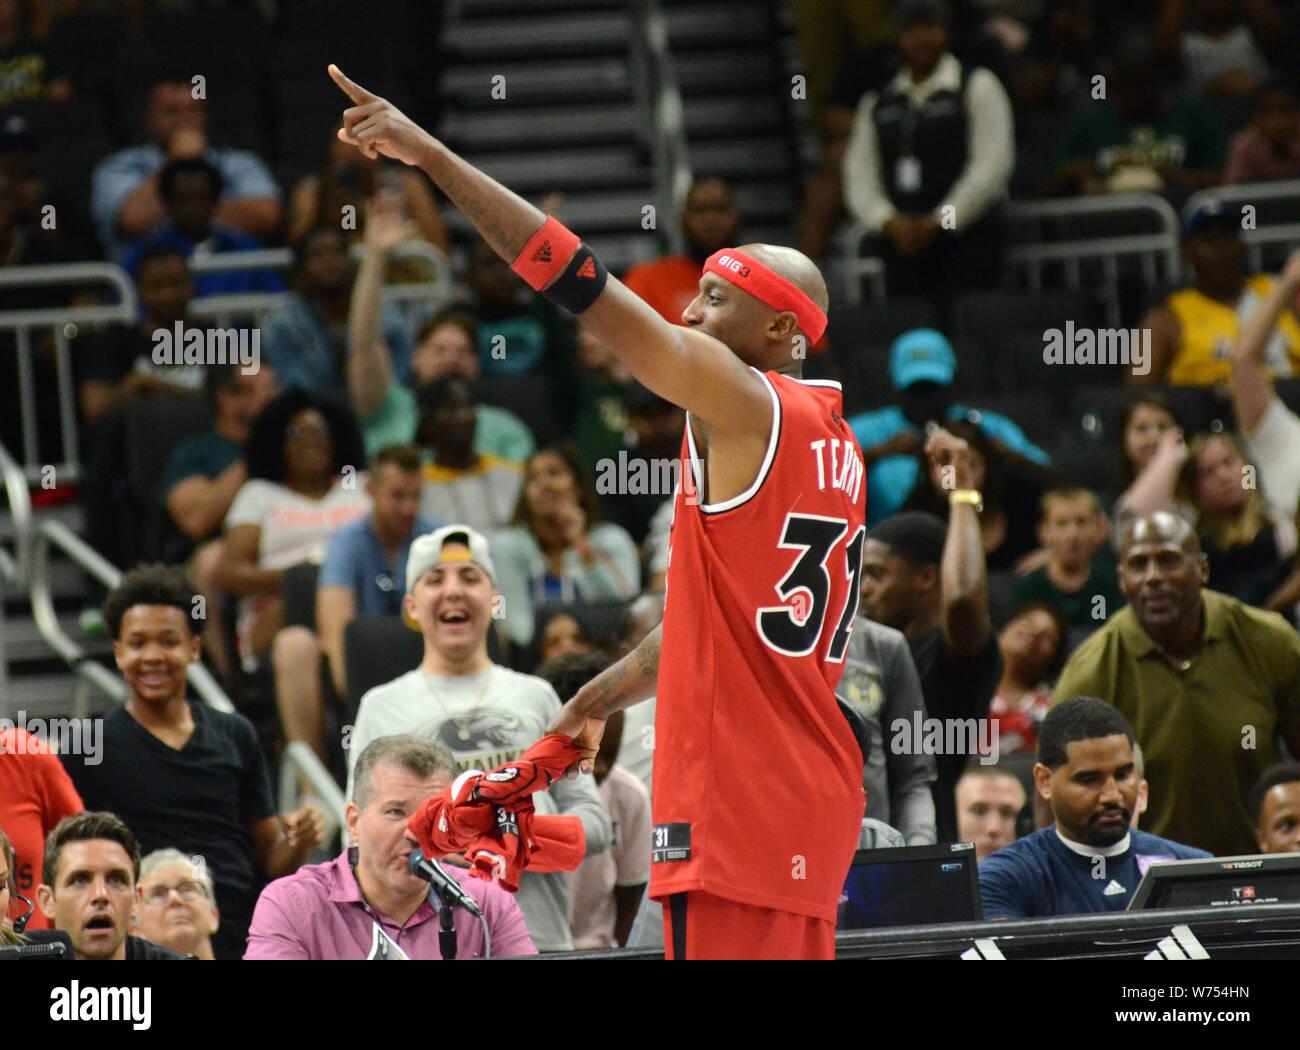 Big3 Basketball League Stock Photos & Big3 Basketball League